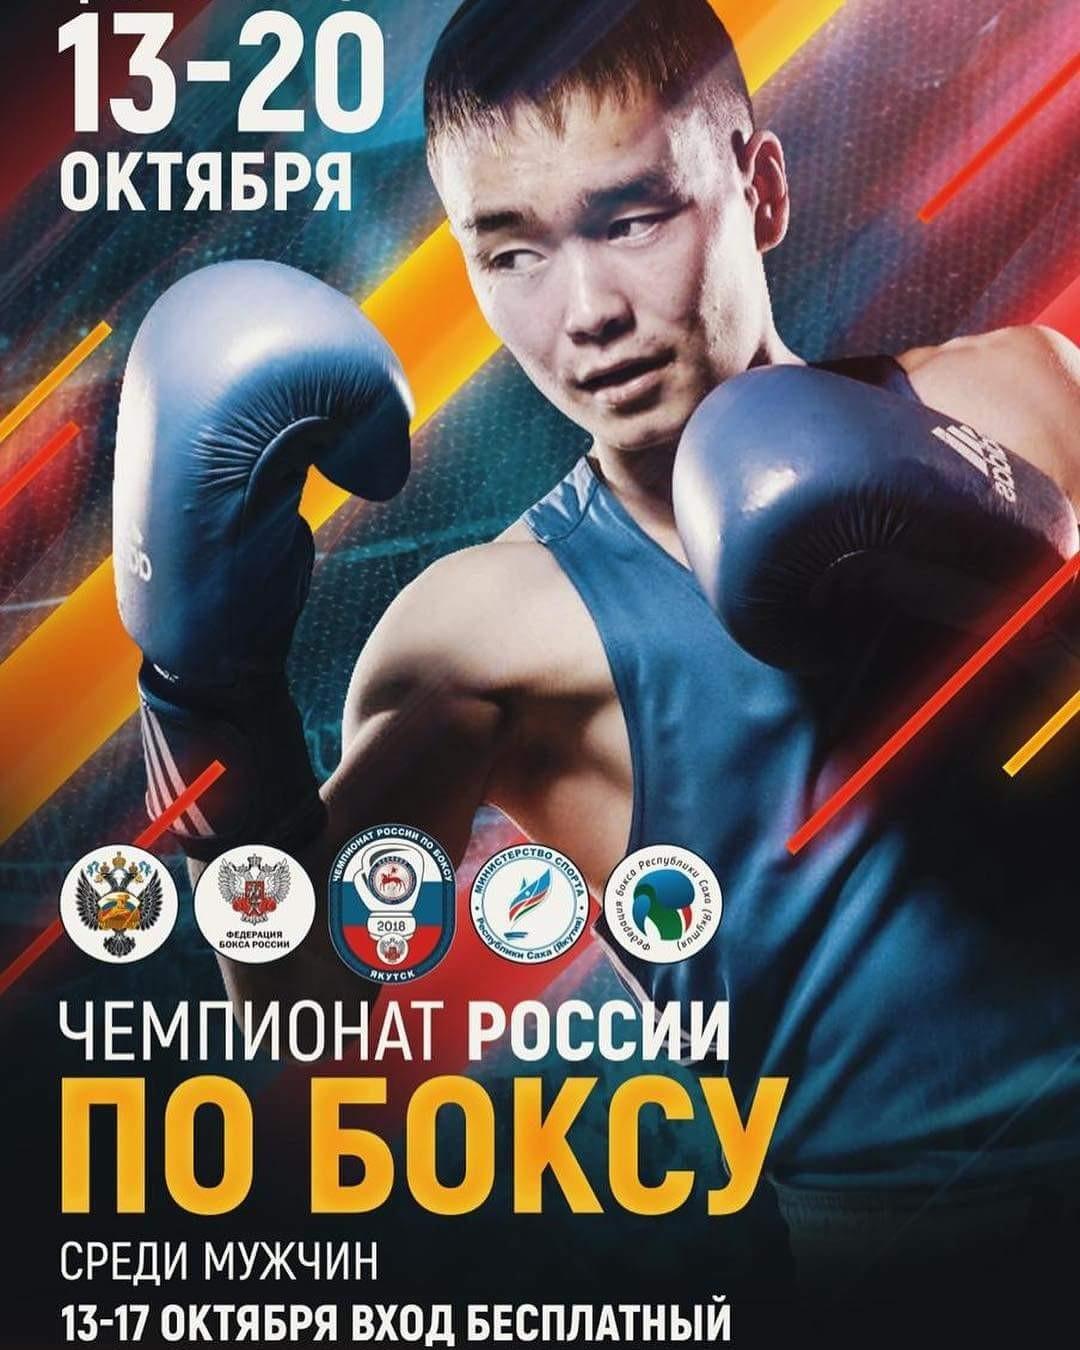 Чемпионат России по боксу, Якутск 2018